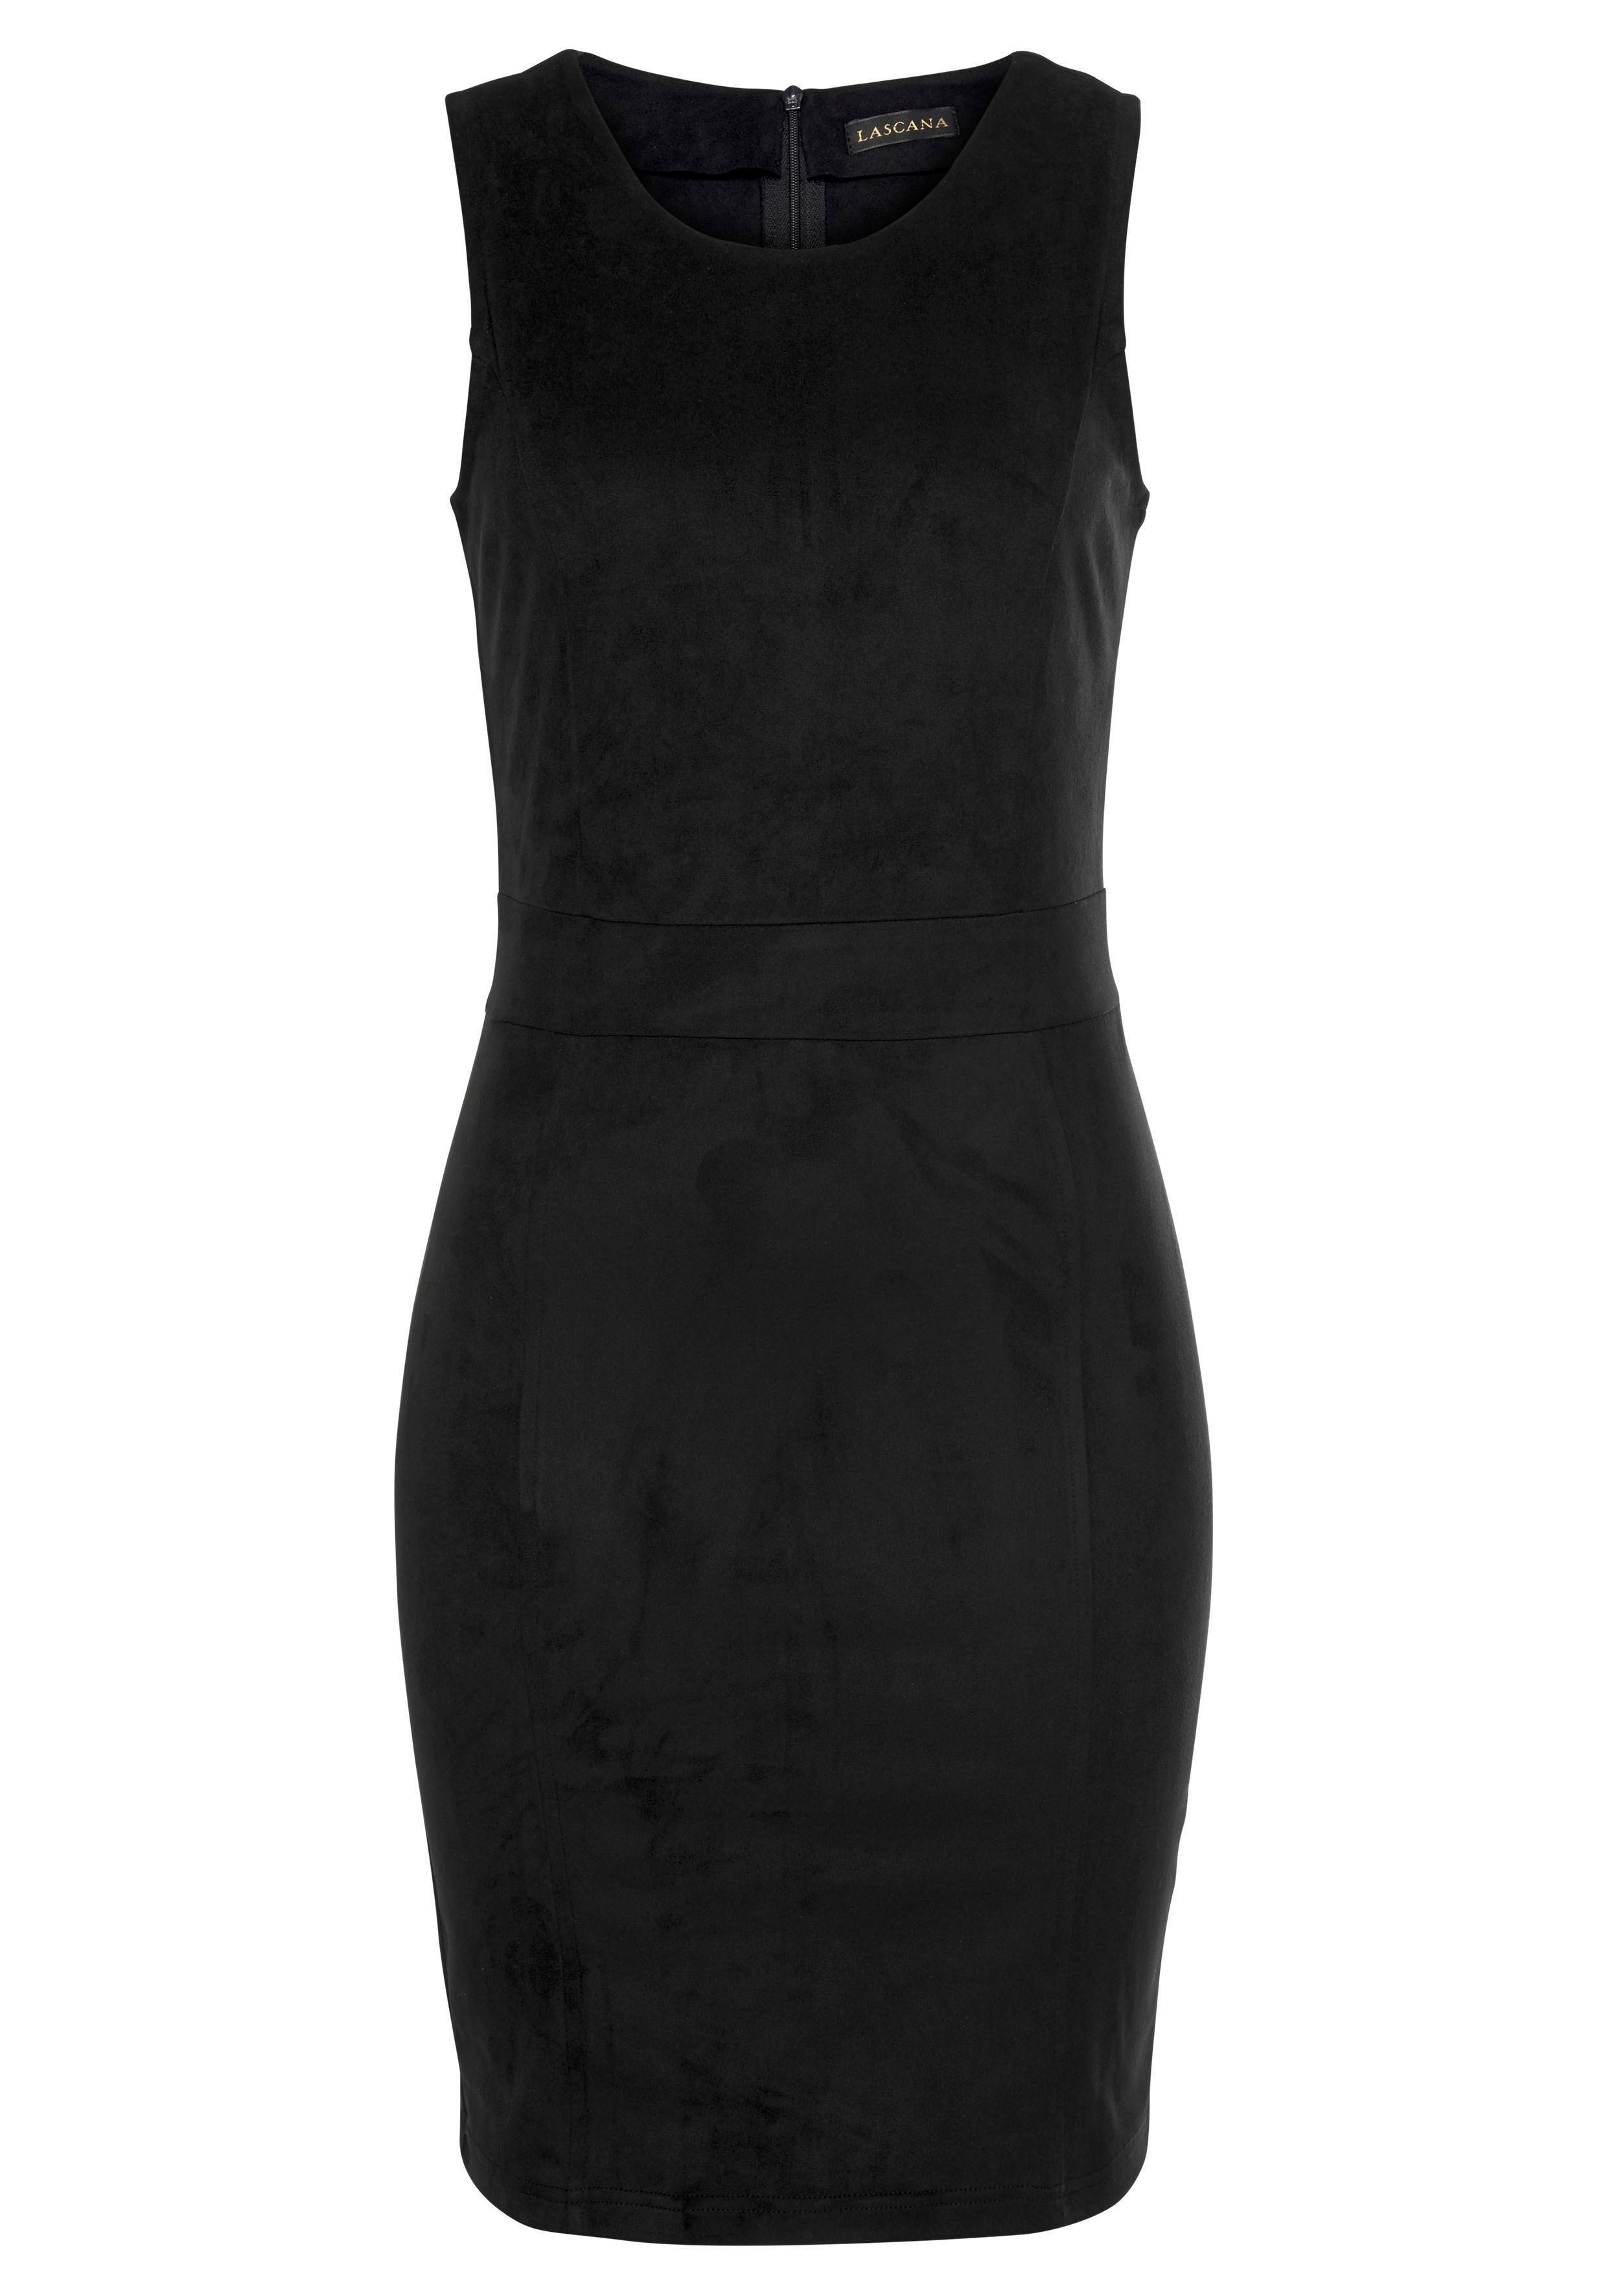 LASCANA jurk - verschillende betaalmethodes